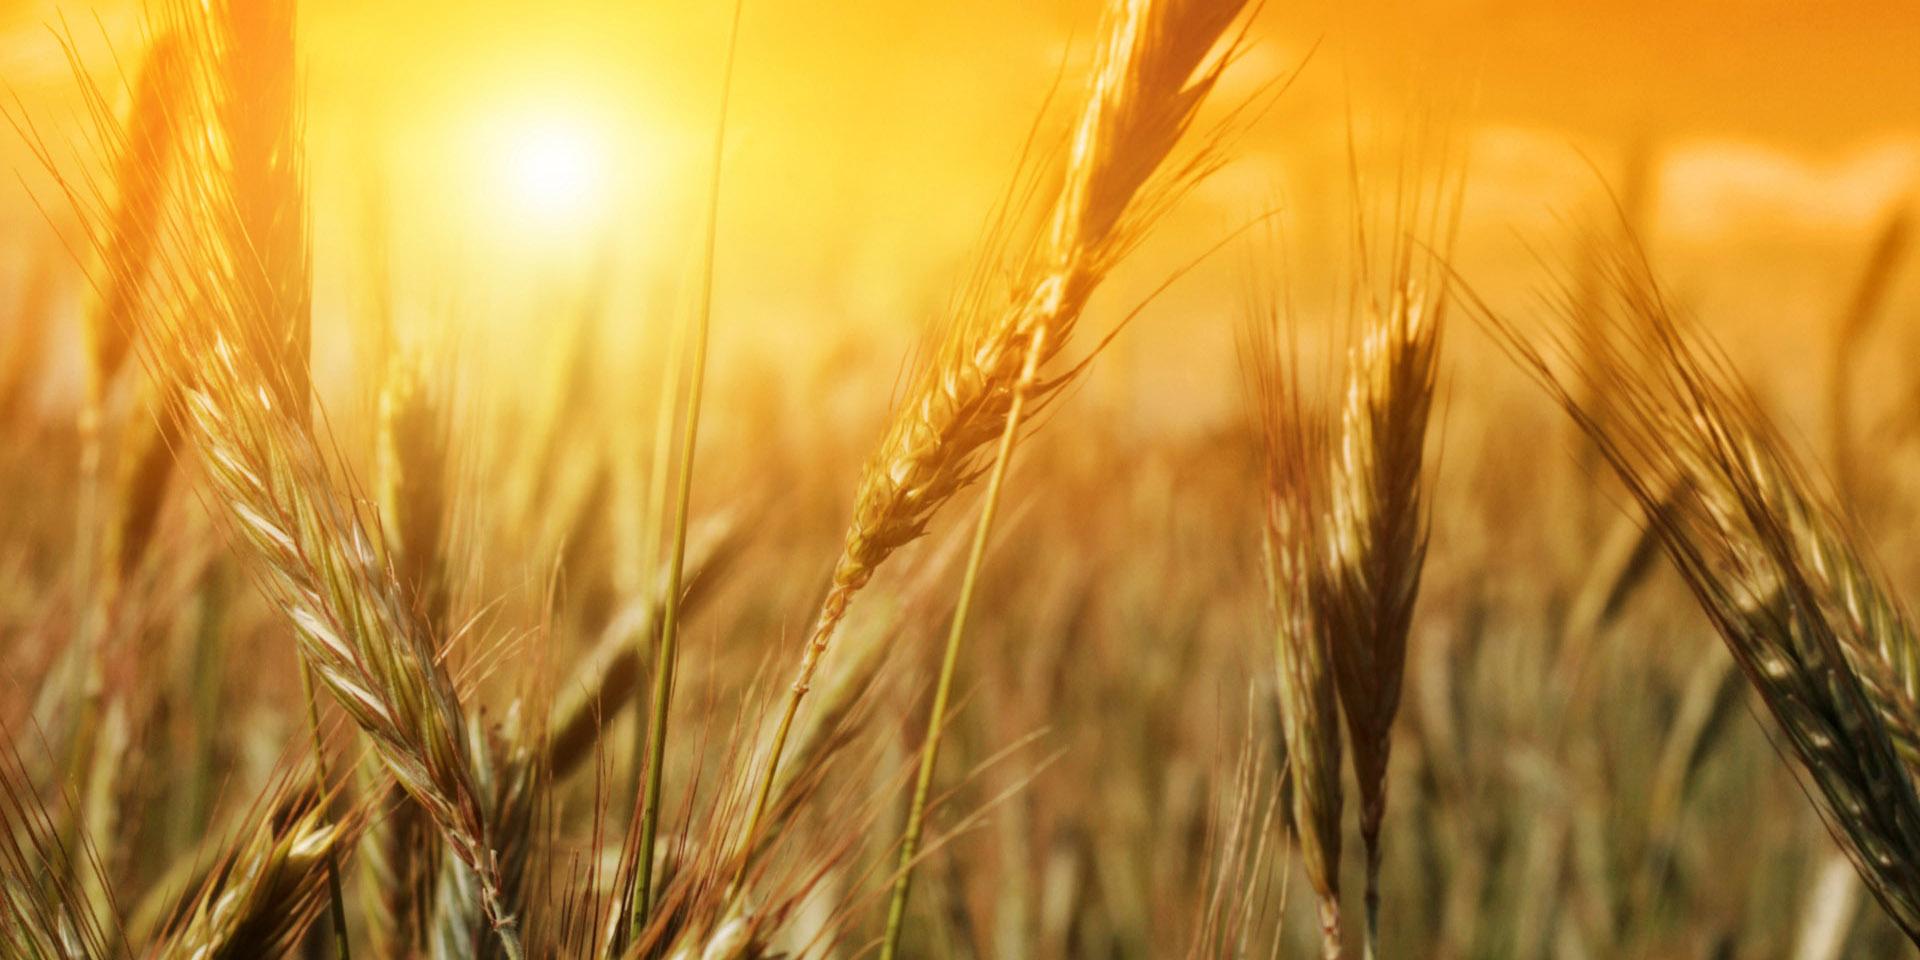 کشت گندم در سطح 66 هزار هکتار از اراضی کشاورزی مازندران